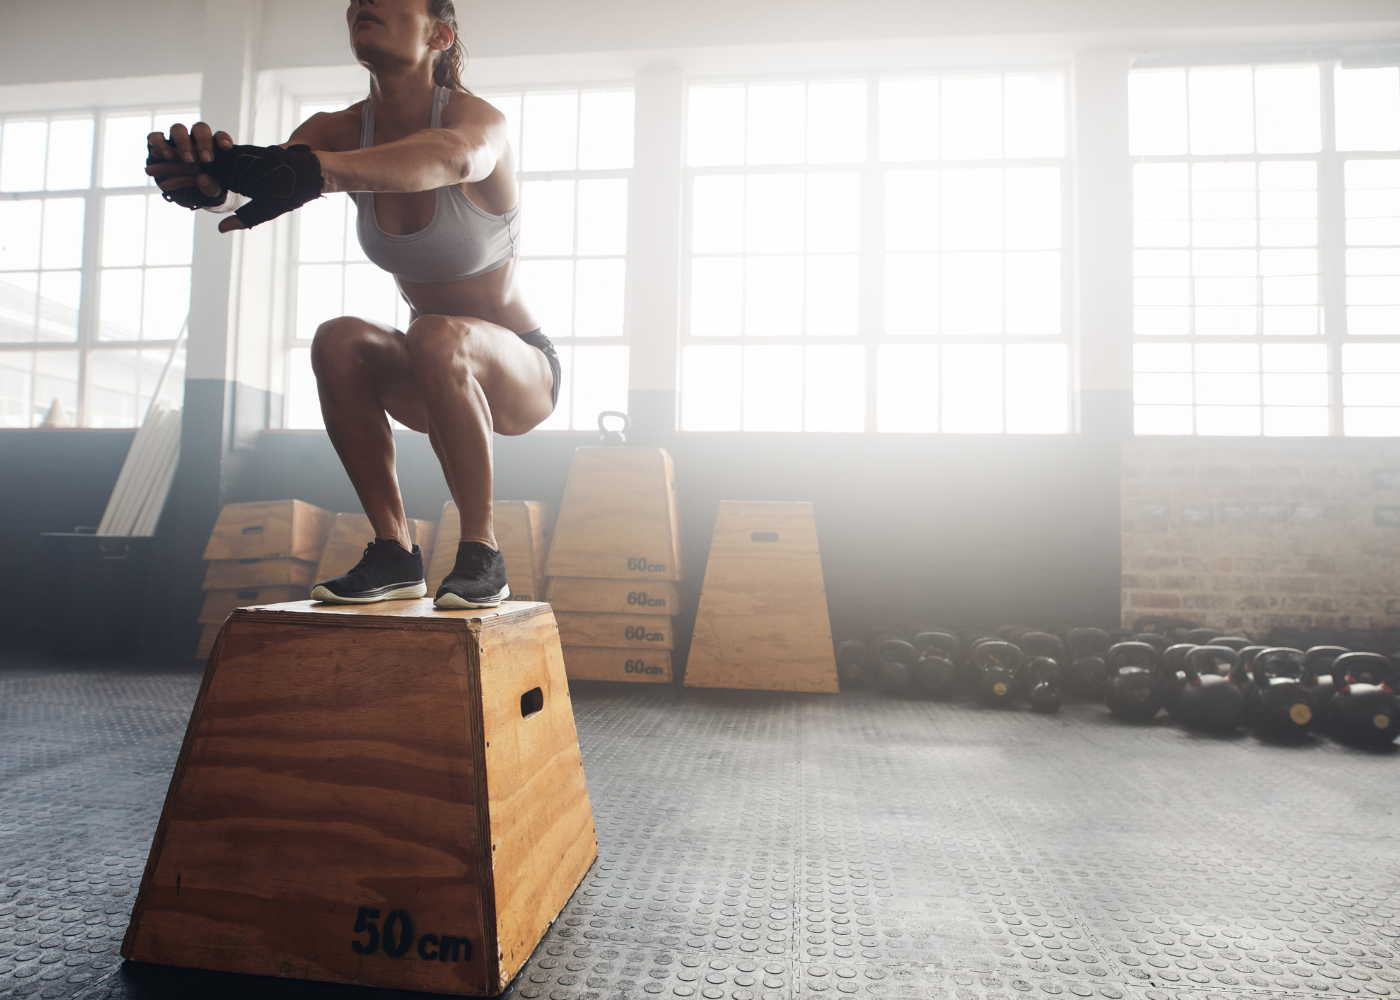 exercicios de crossfit para emagrecer mulher em box de crossfit